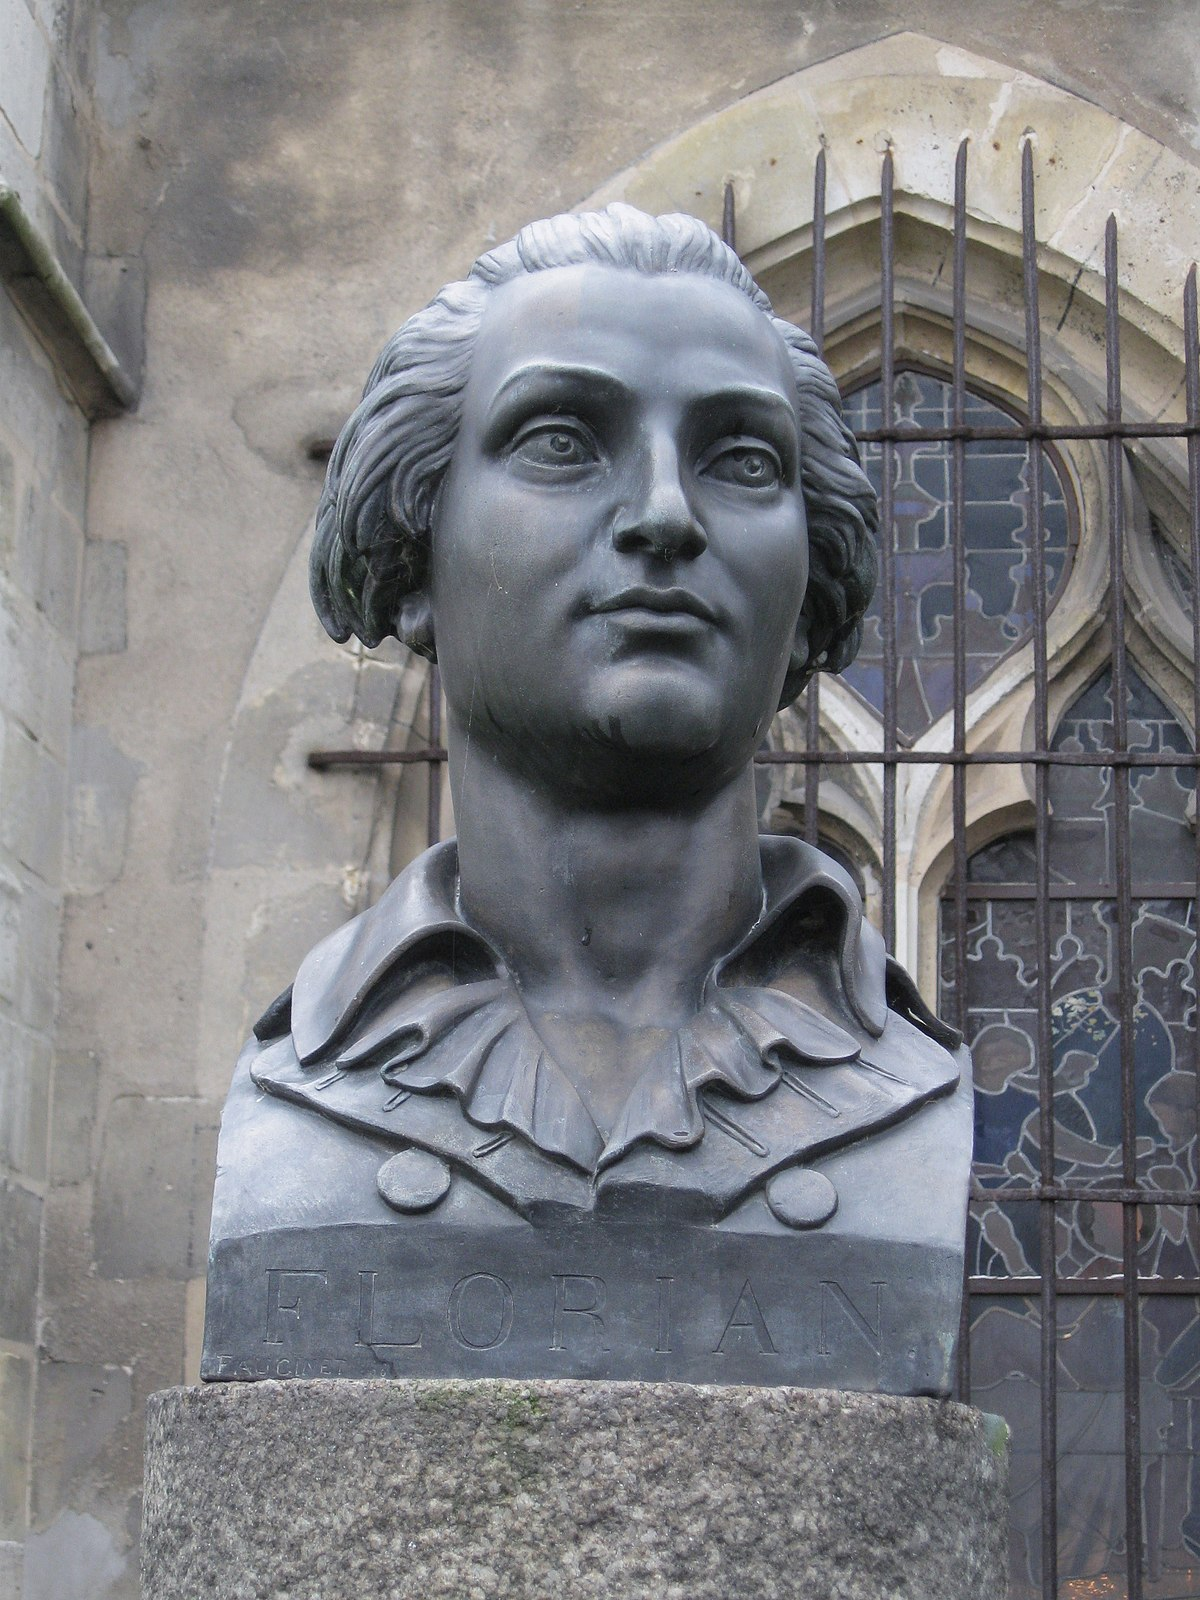 Jean-pierre Claris De Florian : jean-pierre, claris, florian, File:Sceaux, Félibres, Jean-Pierre, Claris, Florian, 1.jpg, Wikimedia, Commons